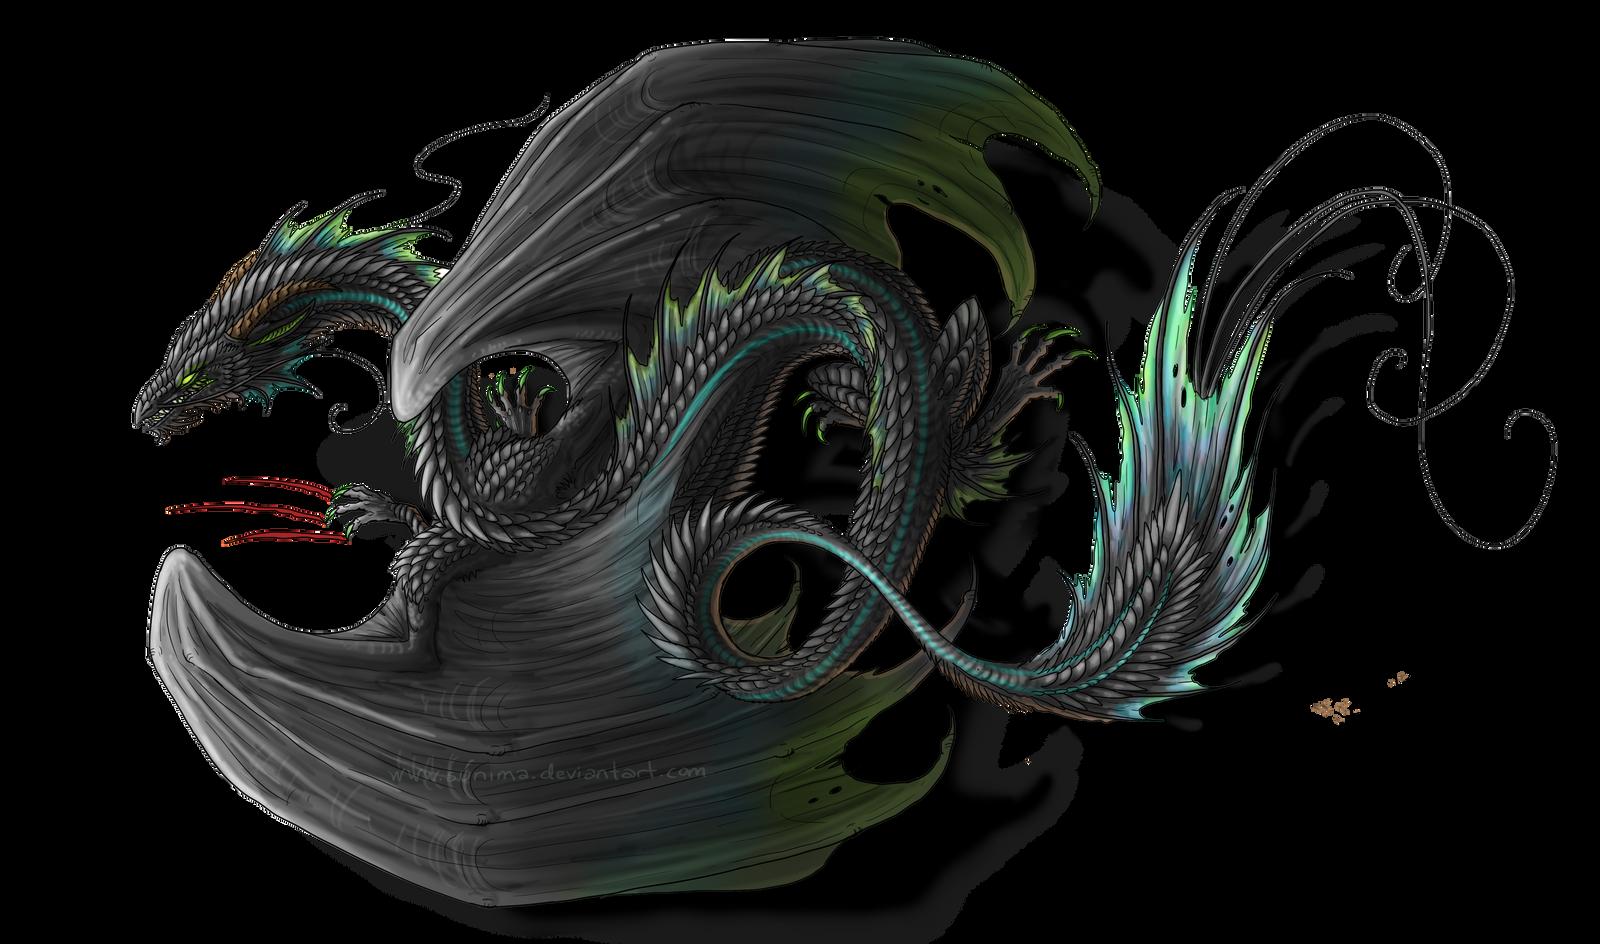 Dragon Tattoo Png: Black Dragon Tattoo By Sunima On DeviantArt